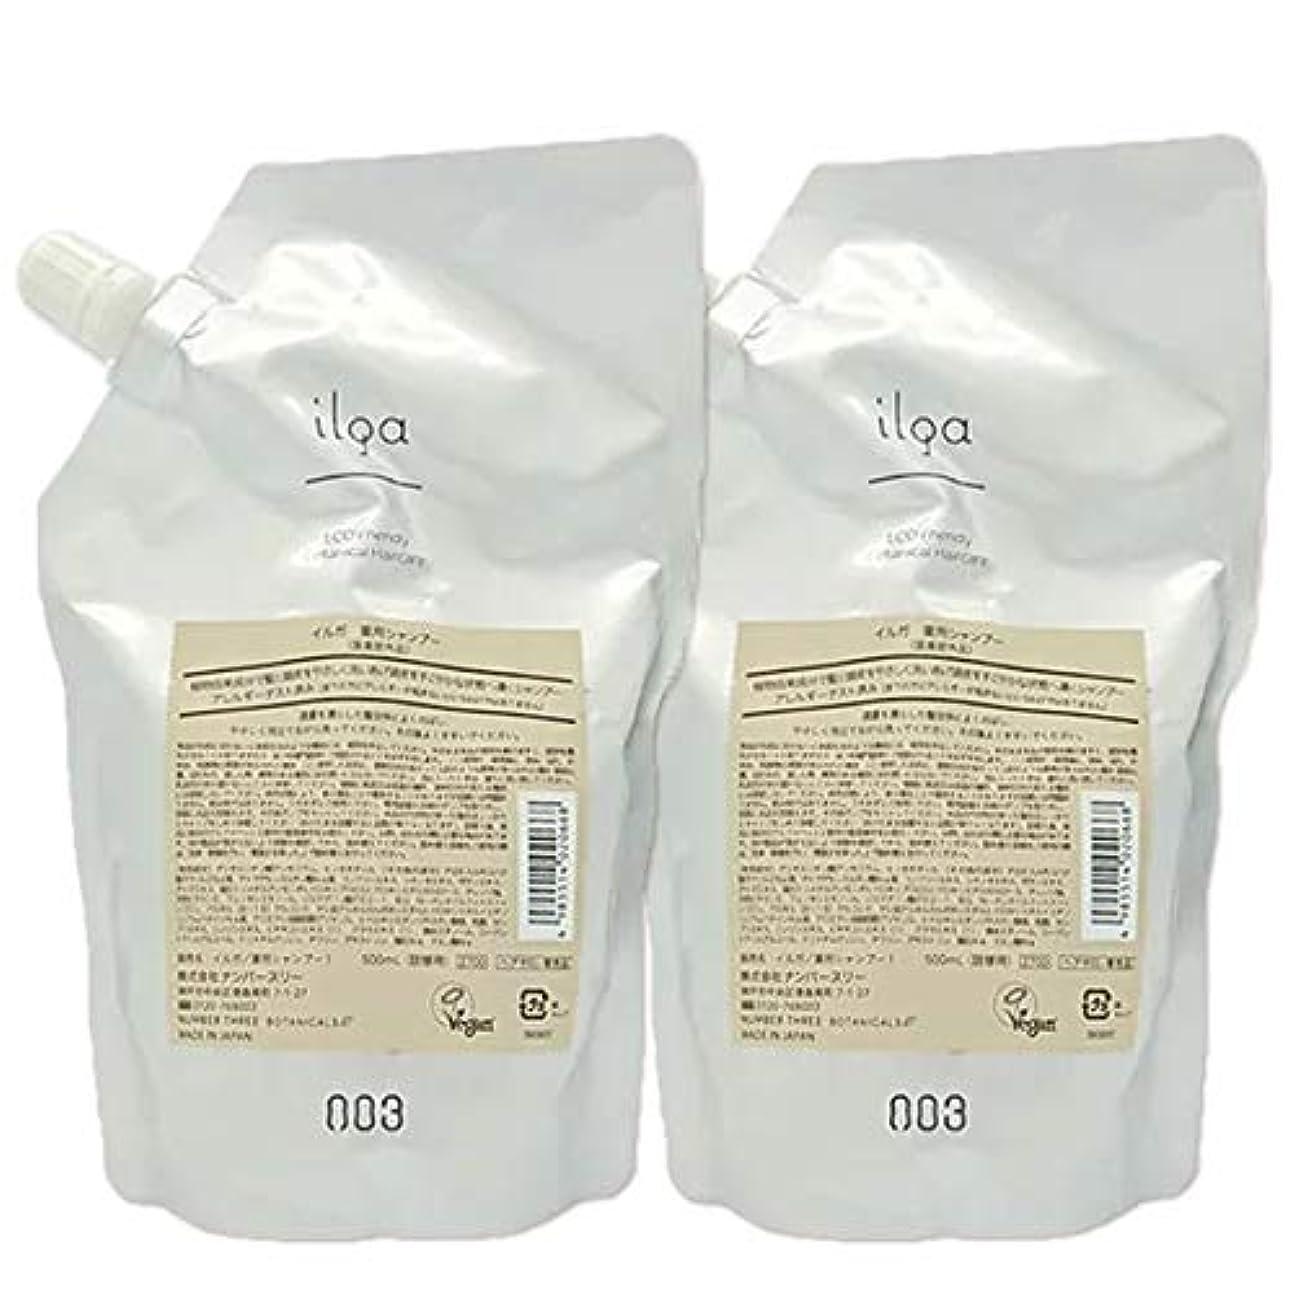 コレクションマザーランド窒息させるナンバースリー イルガ 薬用 シャンプー 500mL 詰め替え ×2個 セット